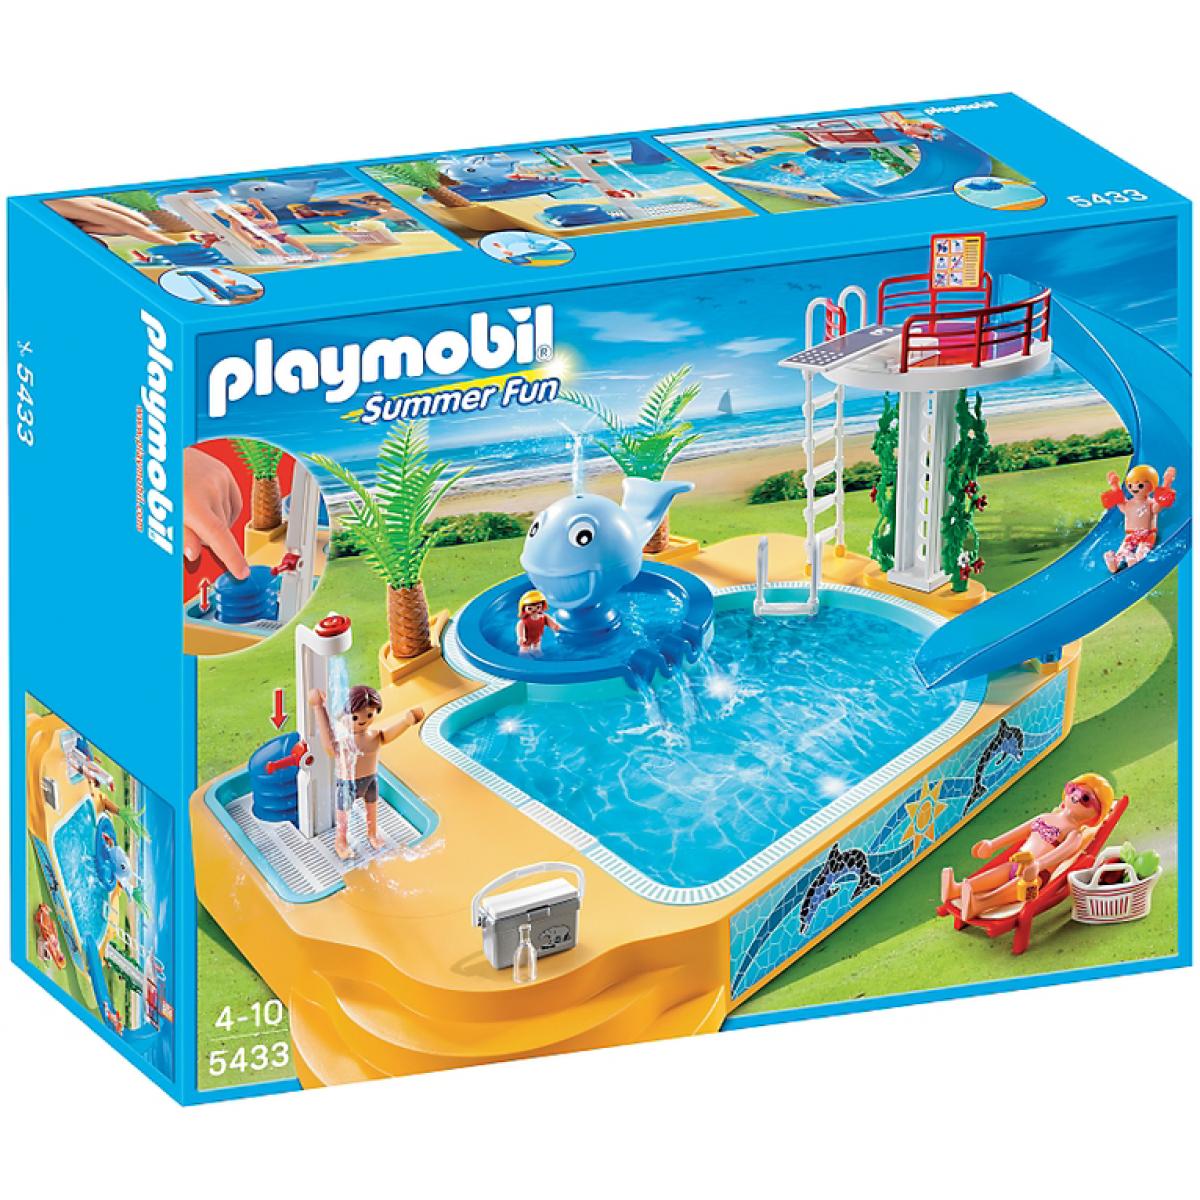 Playmobil 5433 Dětské koupaliště s fontánou